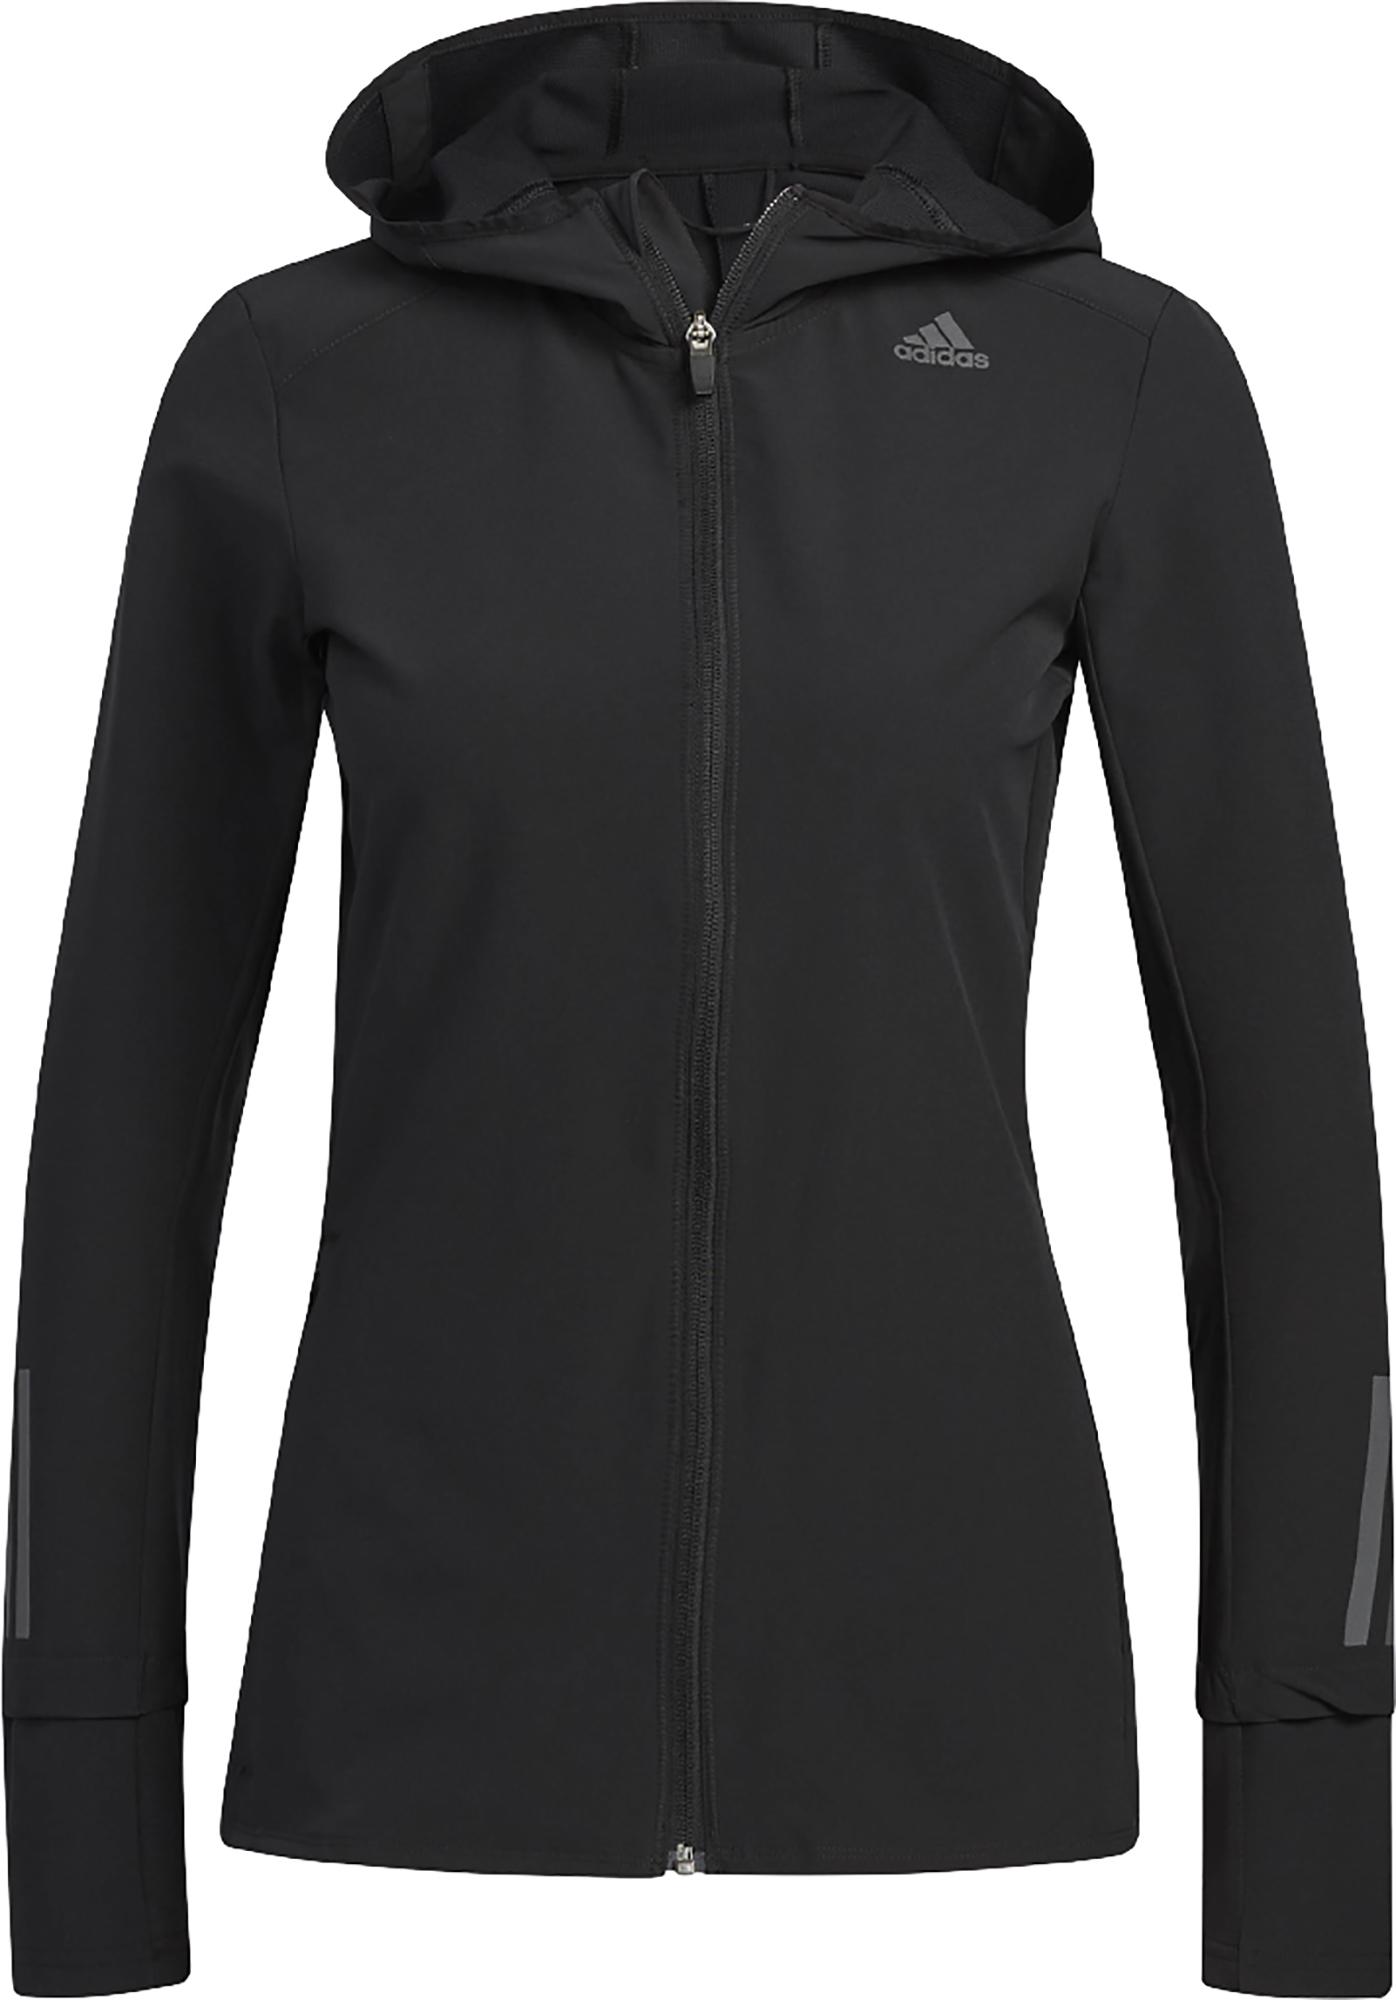 Adidas Ветровка женская Adidas Response, размер 46-48 все цены